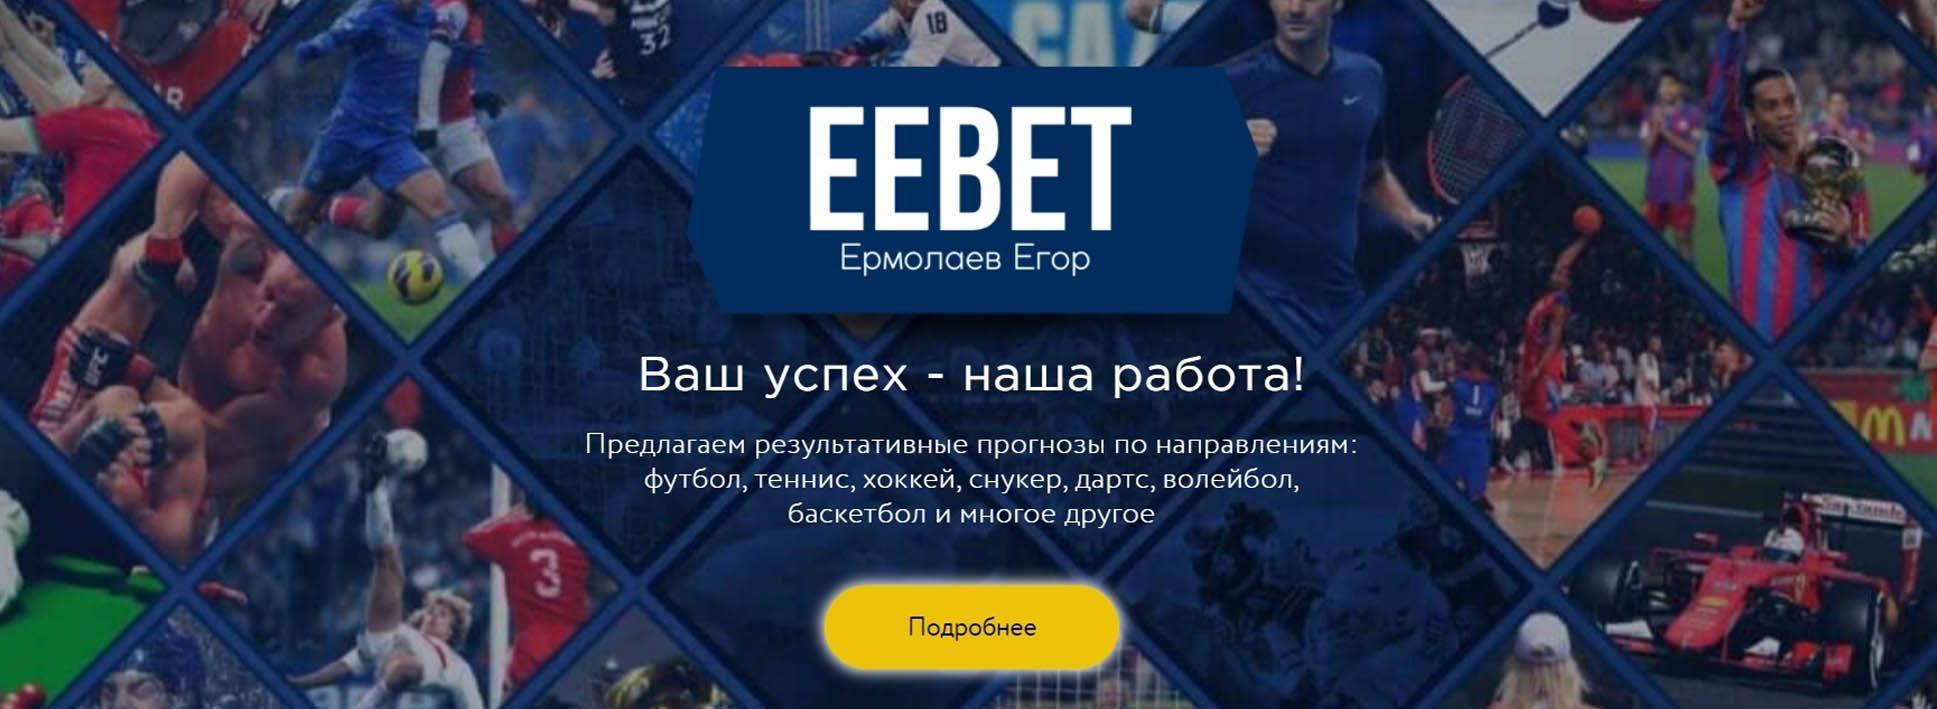 Сайт EeBet